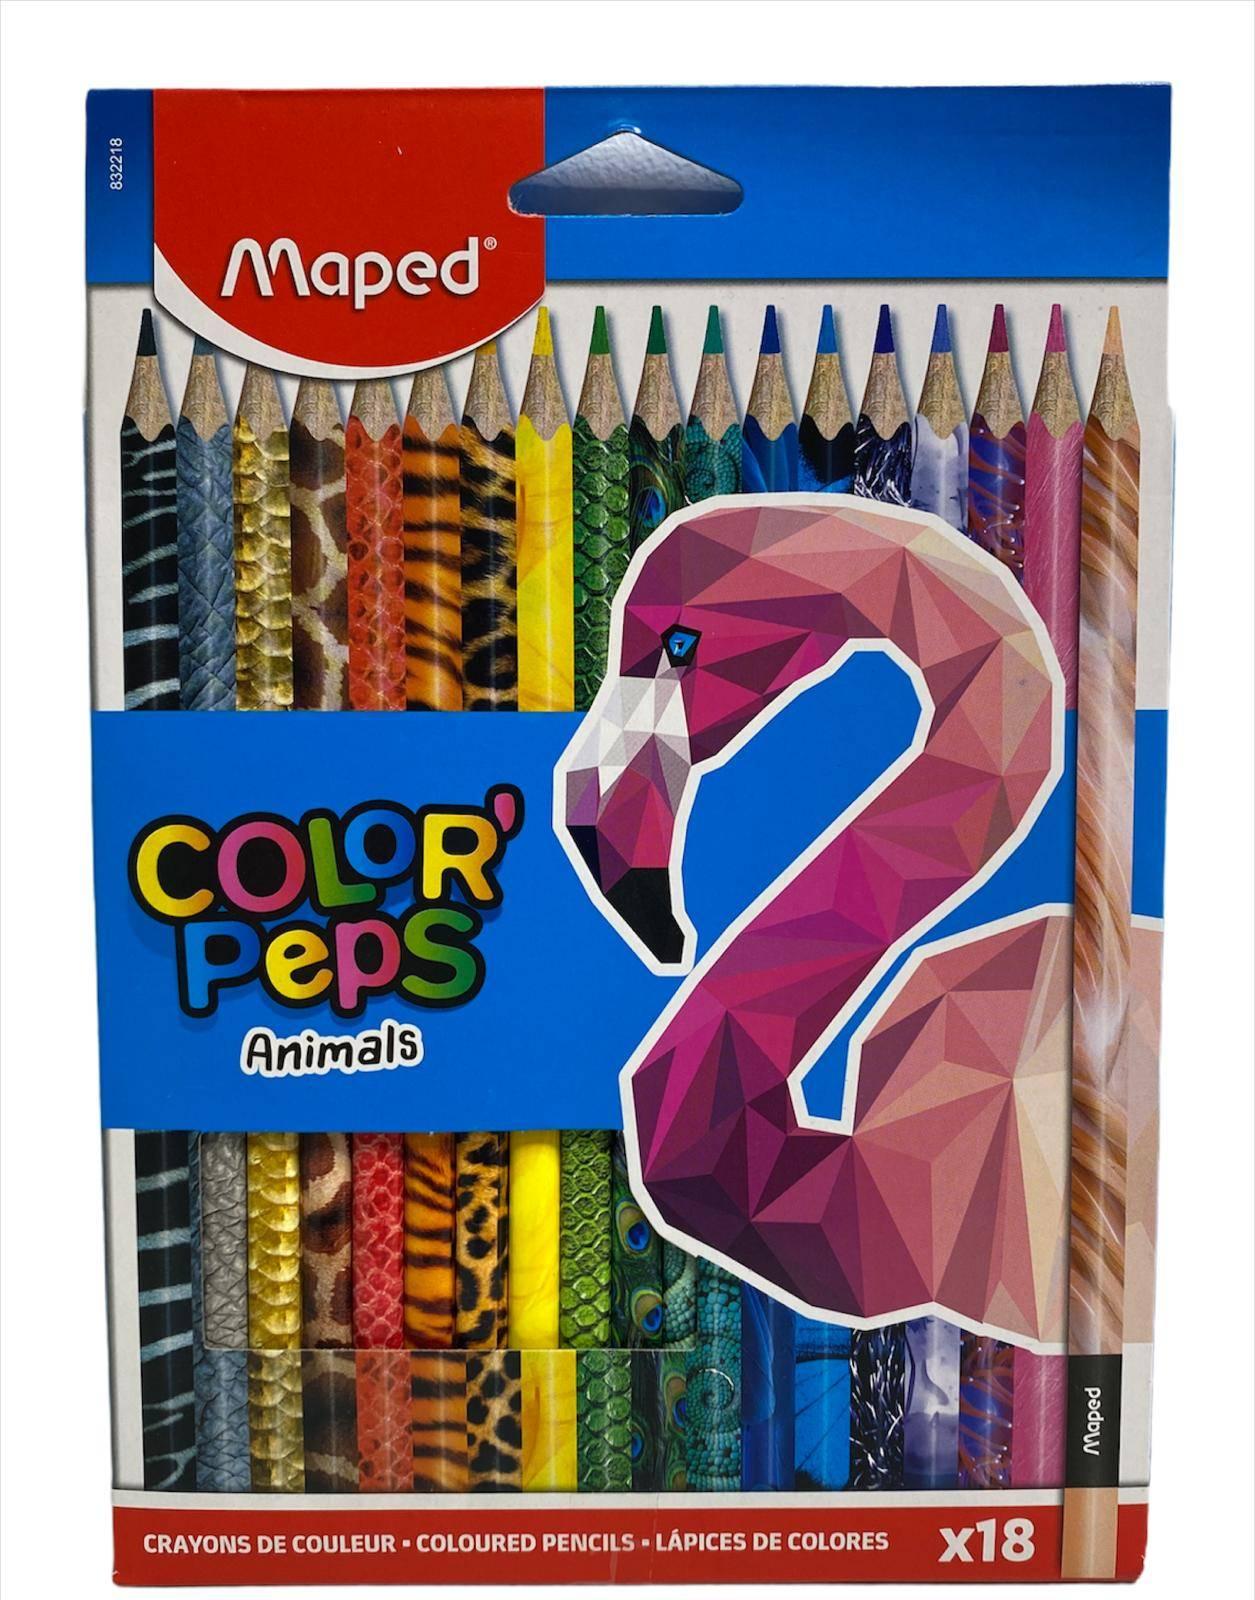 MAPED bojice Color Peps Animals 24 kom